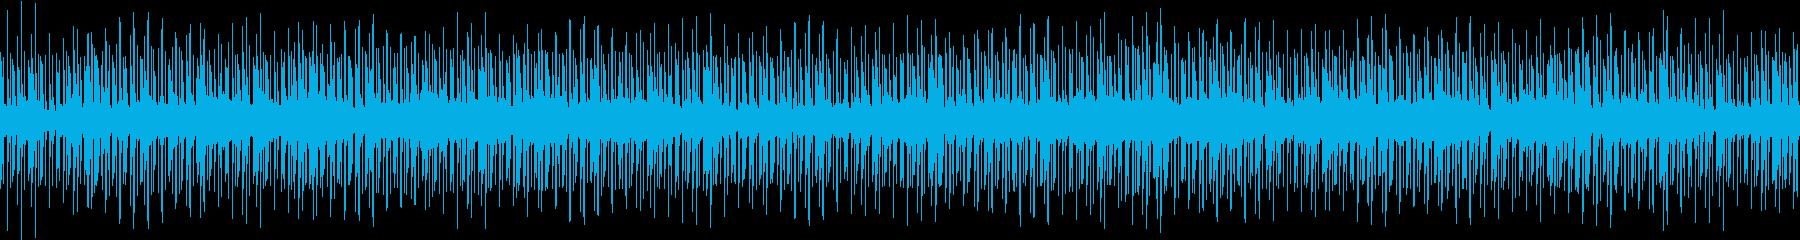 クールな印象のループBGMの再生済みの波形